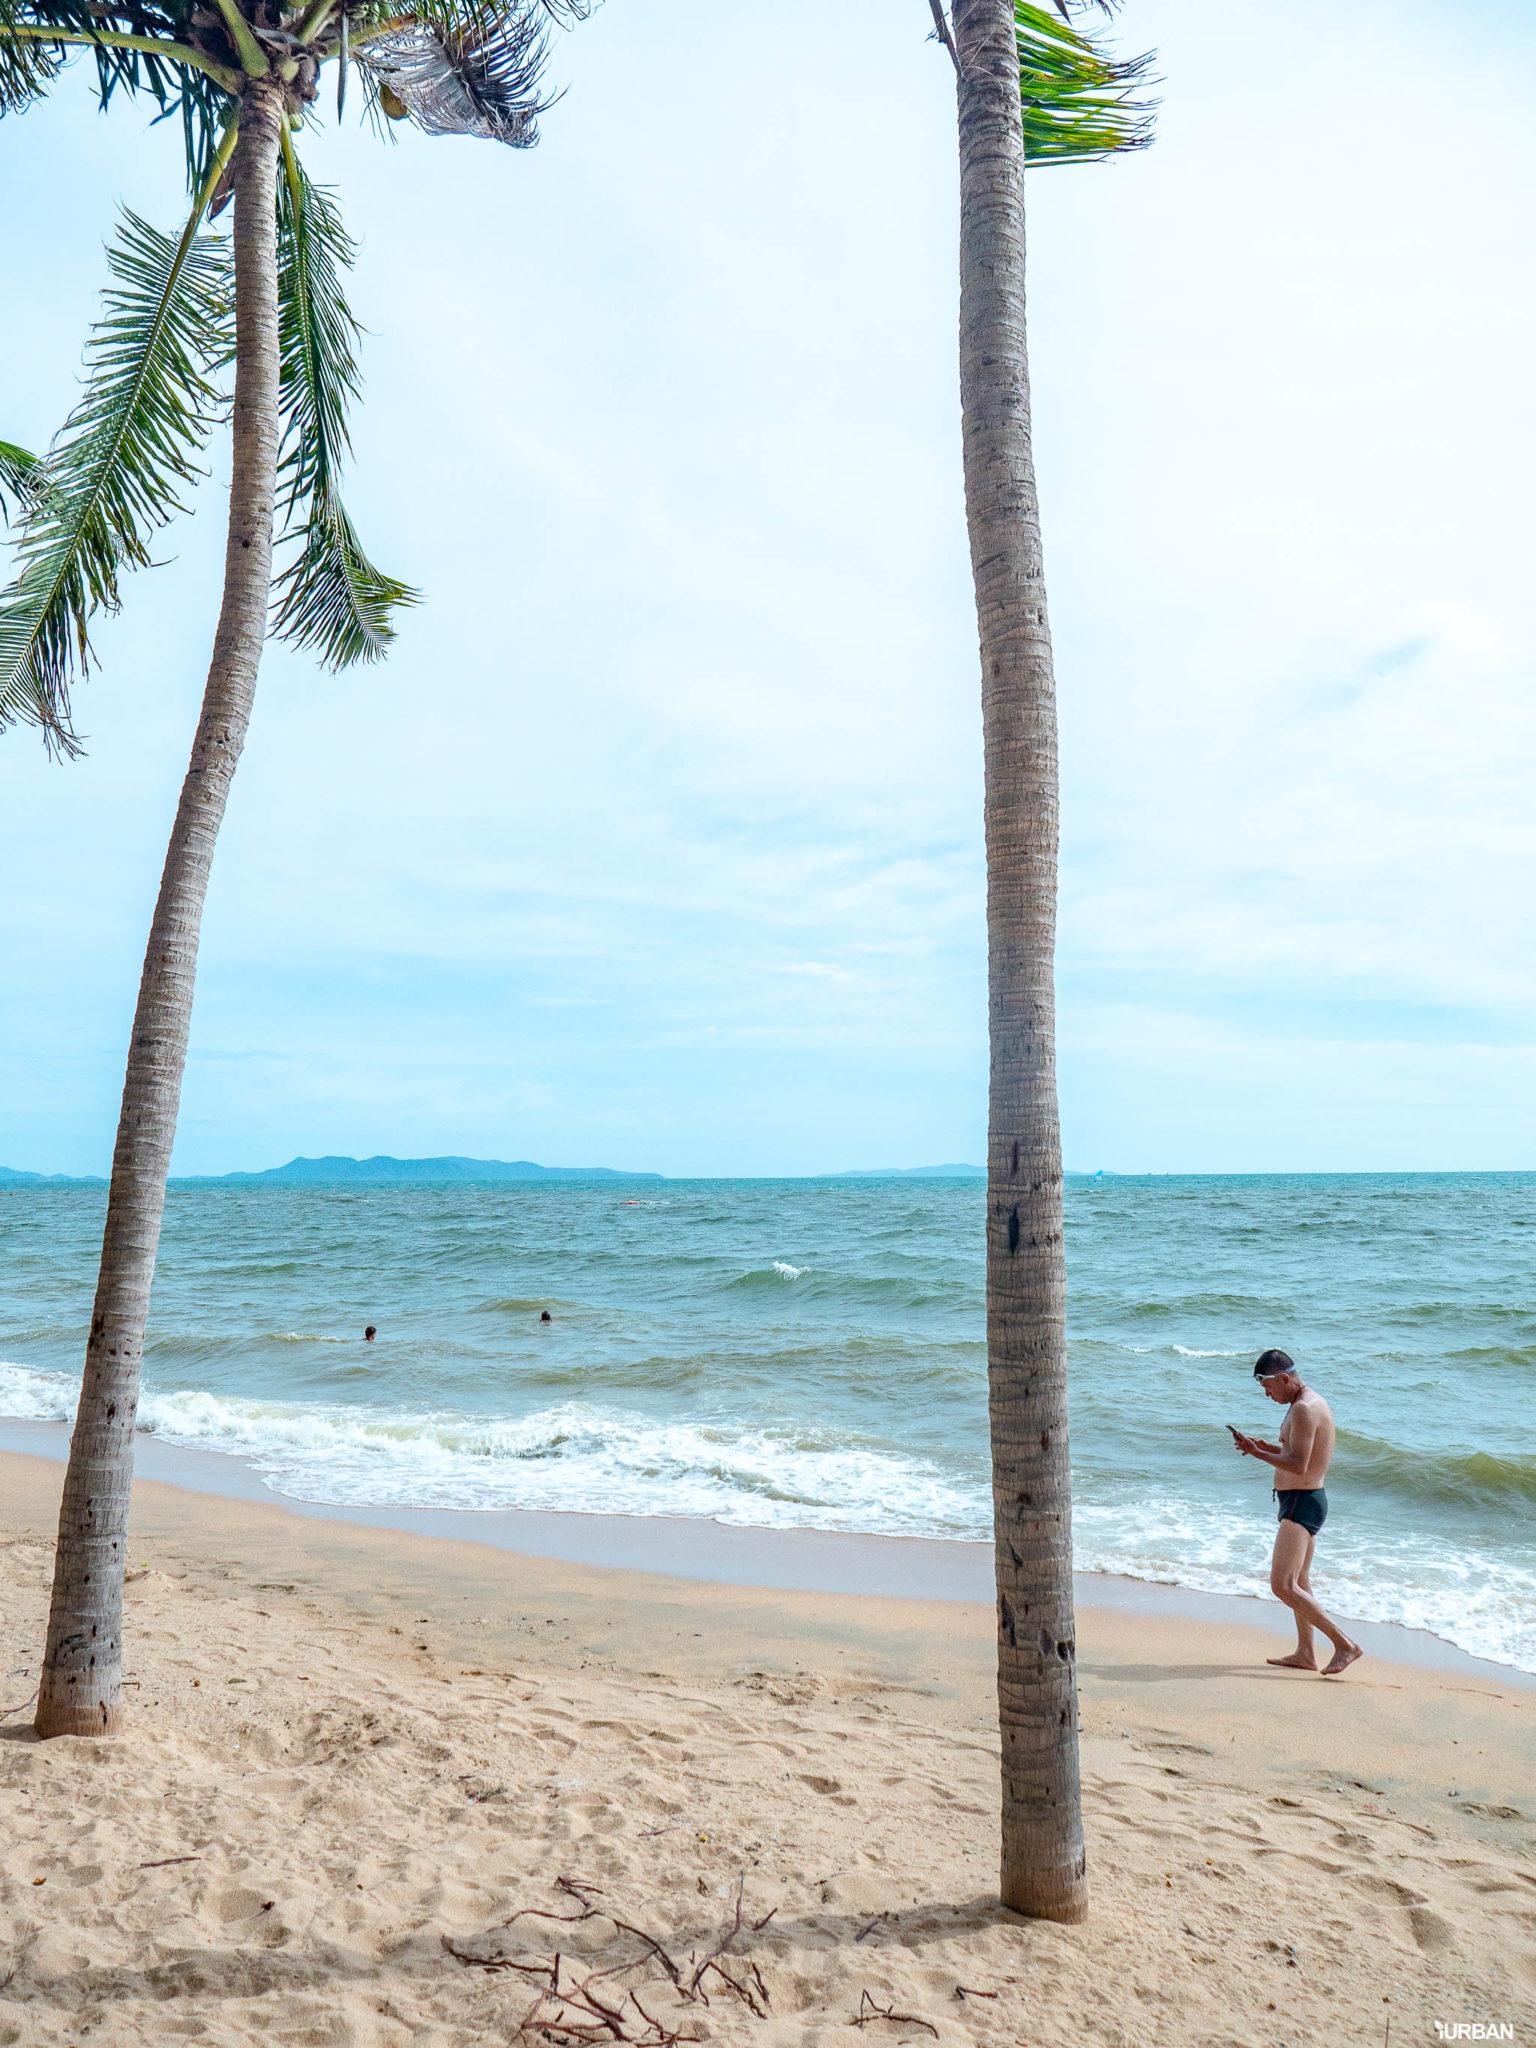 7 ชายหาดทะเลพัทยา ที่ยังสวยสะอาดน่าเที่ยวใกล้กรุงเทพ ไม่ต้องหนีร้อนไปไกล ก็พักได้ ชิลๆ 134 - Beach